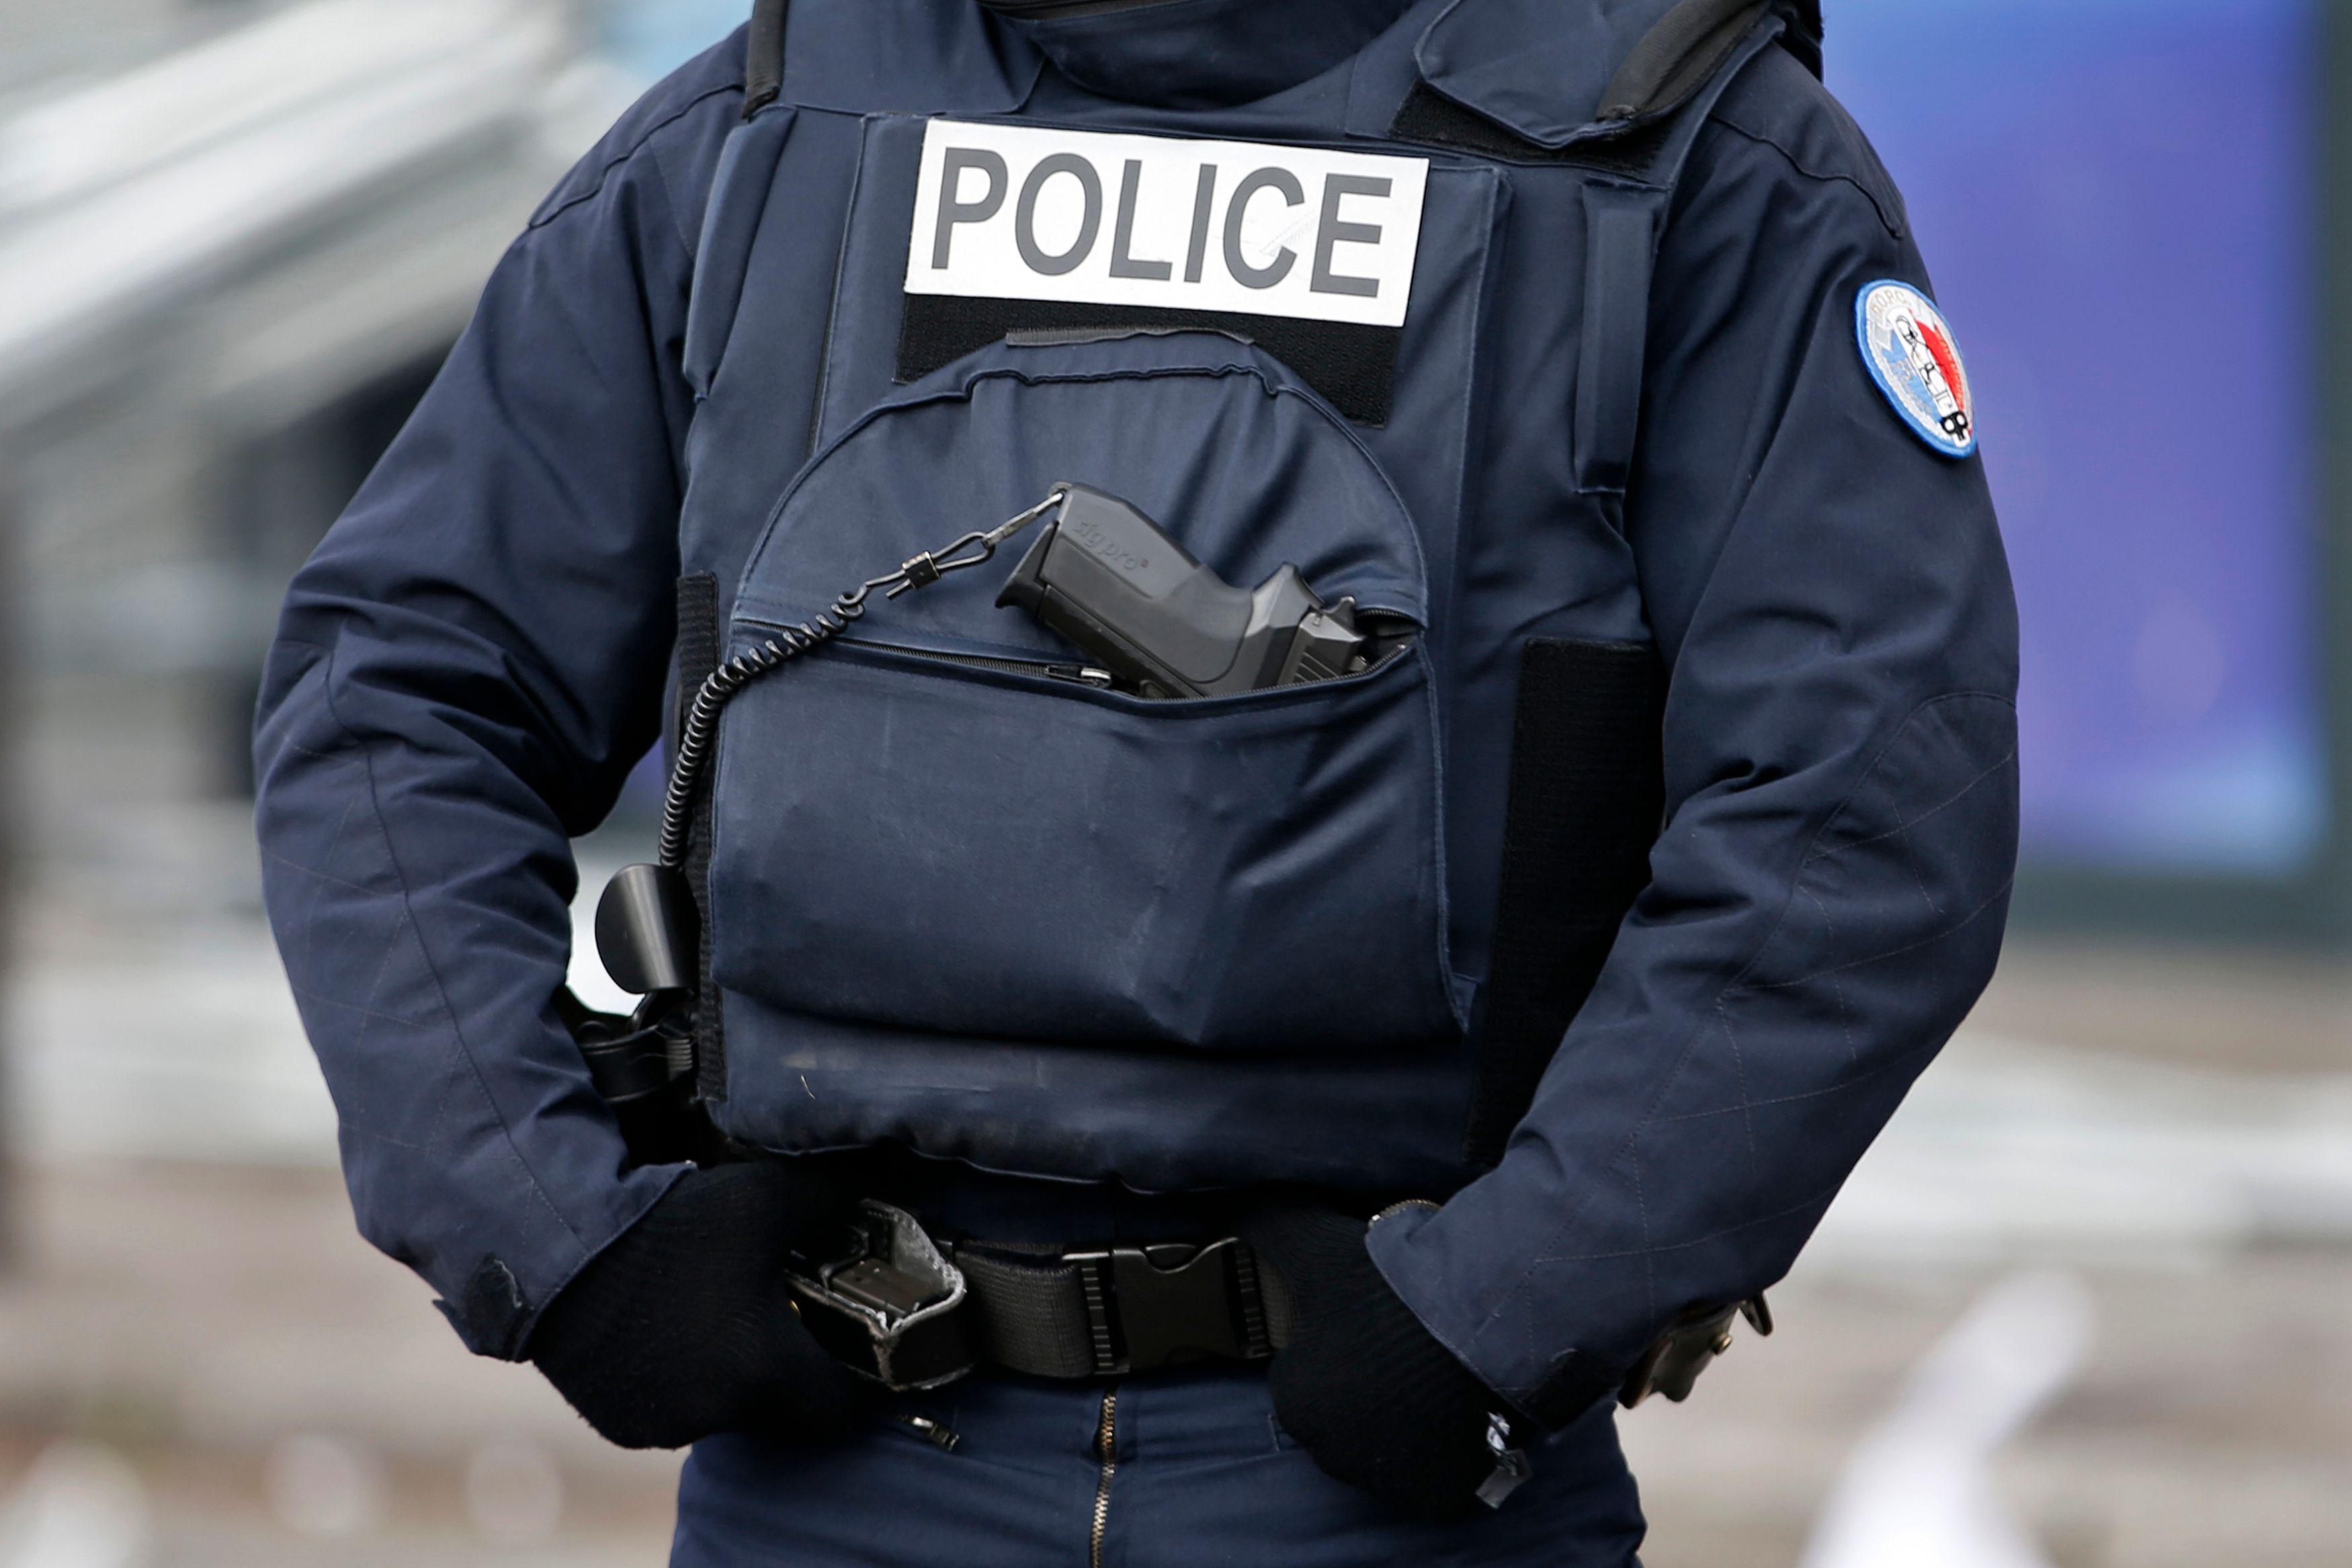 Trois détenus de la maison d'arrêt d'Amiens s'évadent en sciant les barreaux de leur cellule